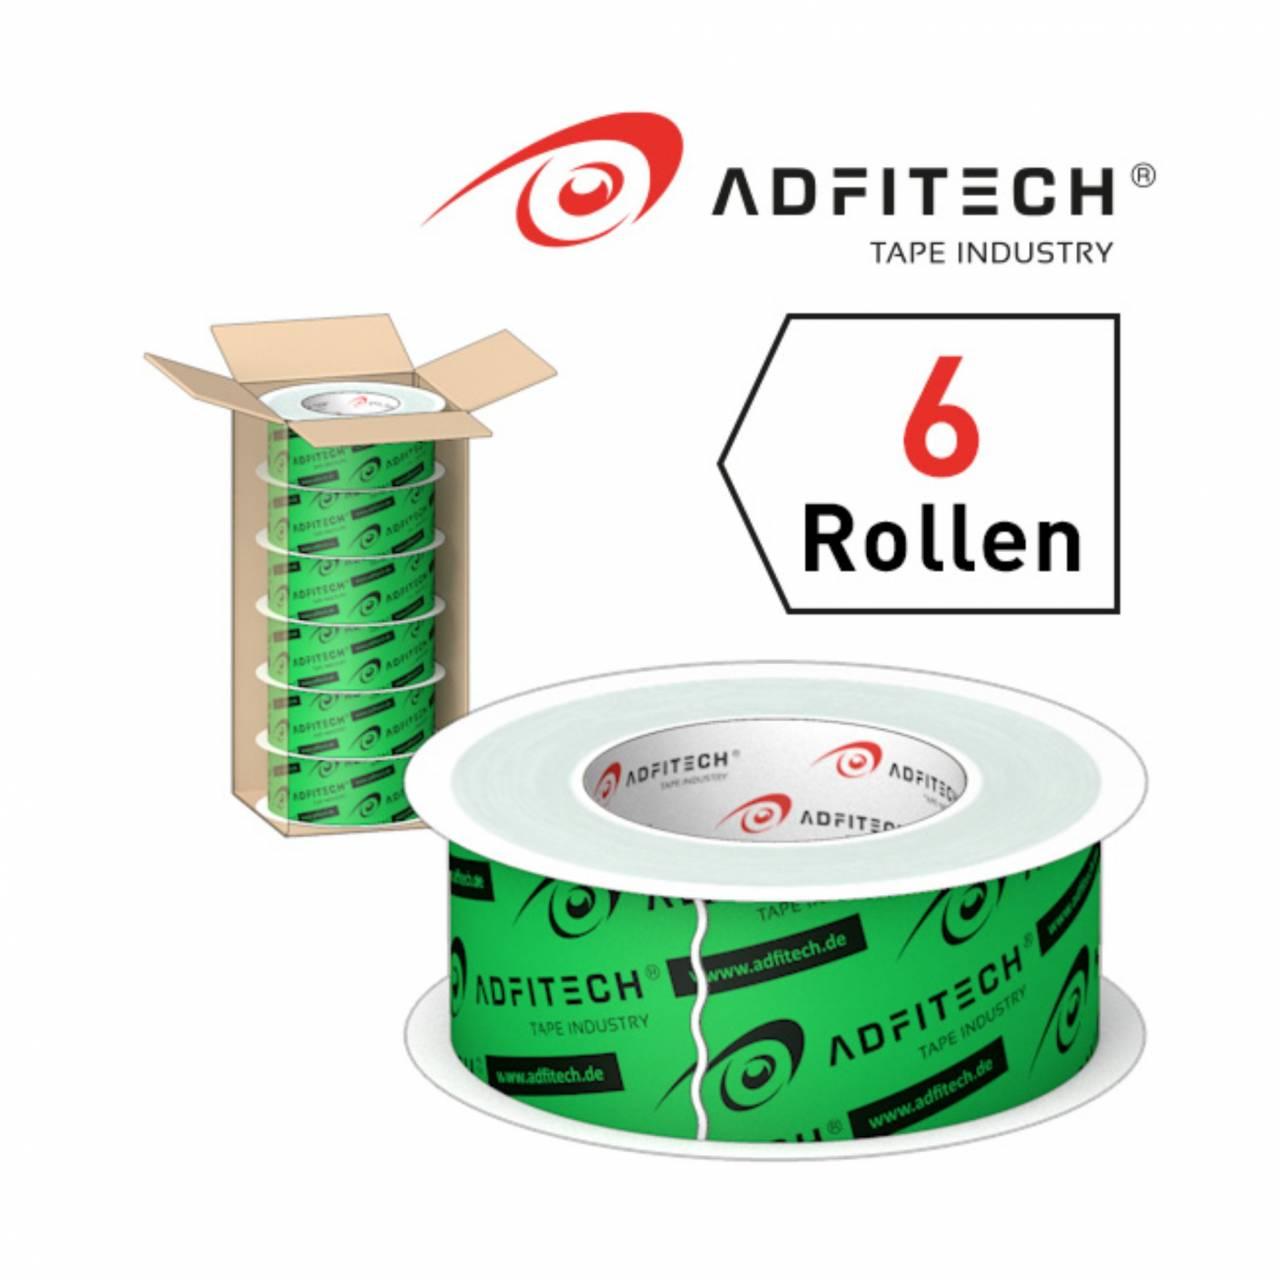 Adfitech Dichtklebeband 'AT210' 60 mm x 25 lfm / Krt a 6 Rollen